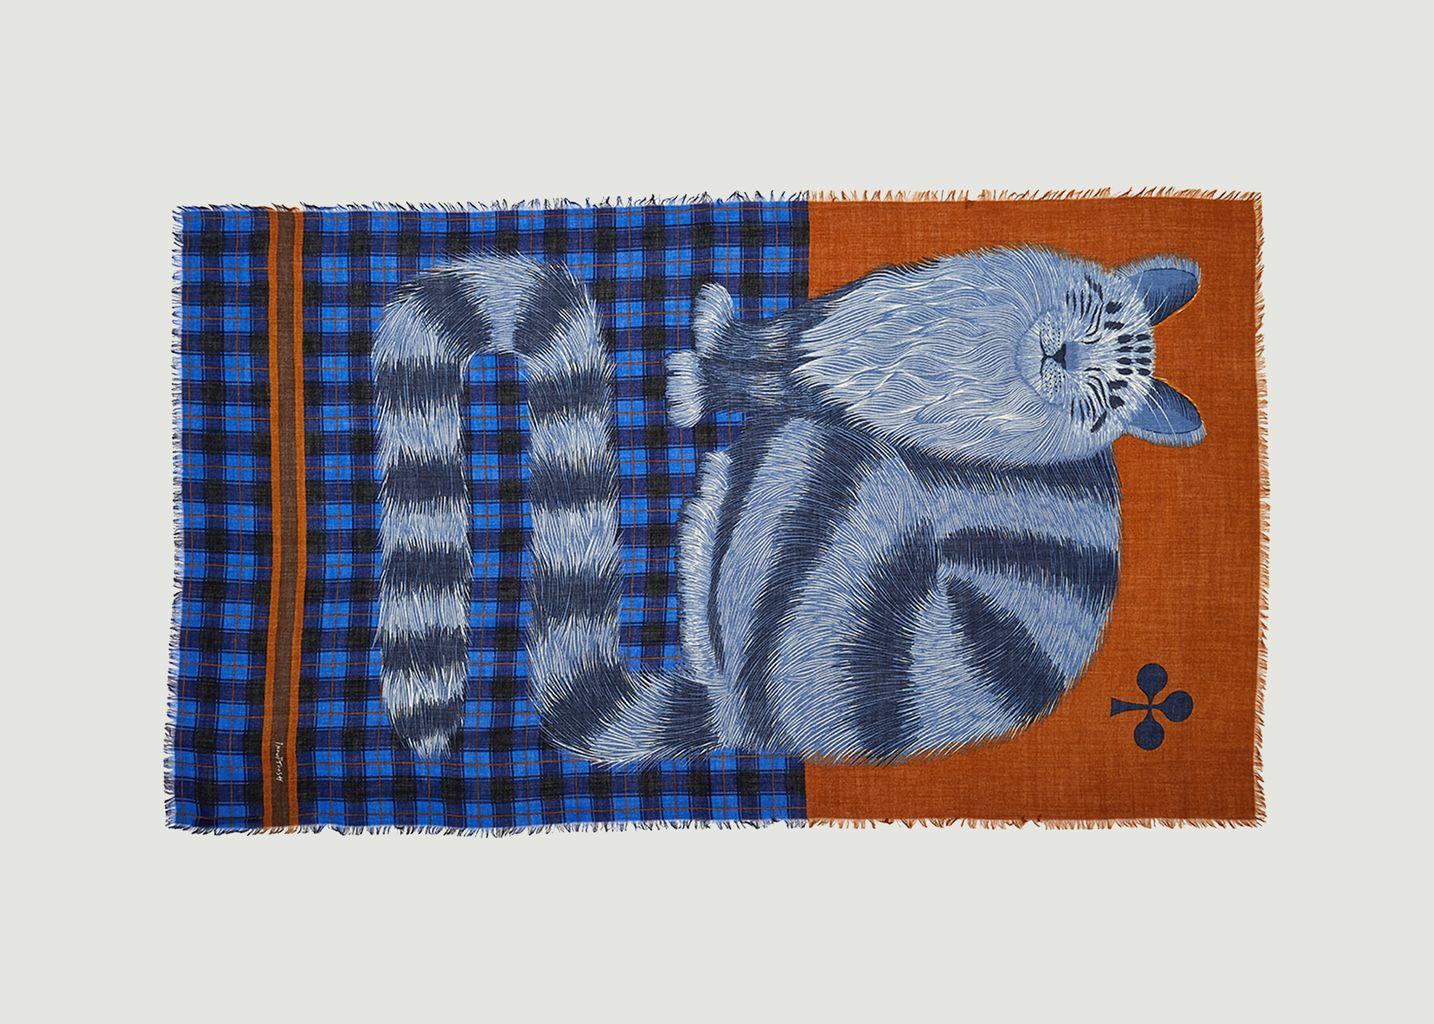 Etole en laine motif chat Grosse Truffe - Inouitoosh